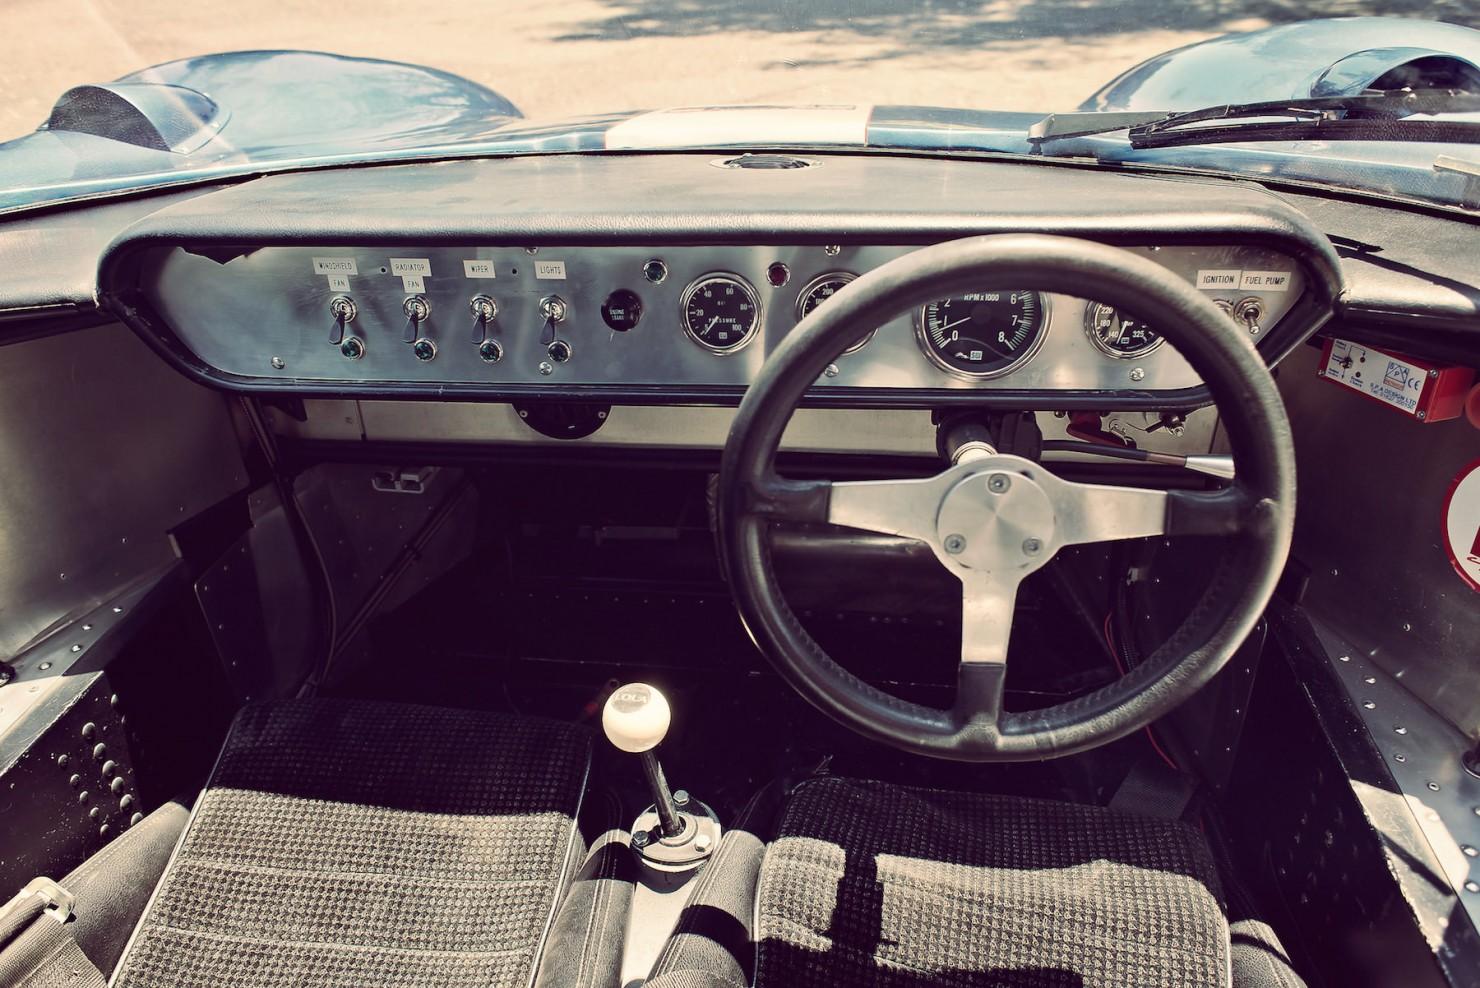 Lola_MK6_GT_Car_13